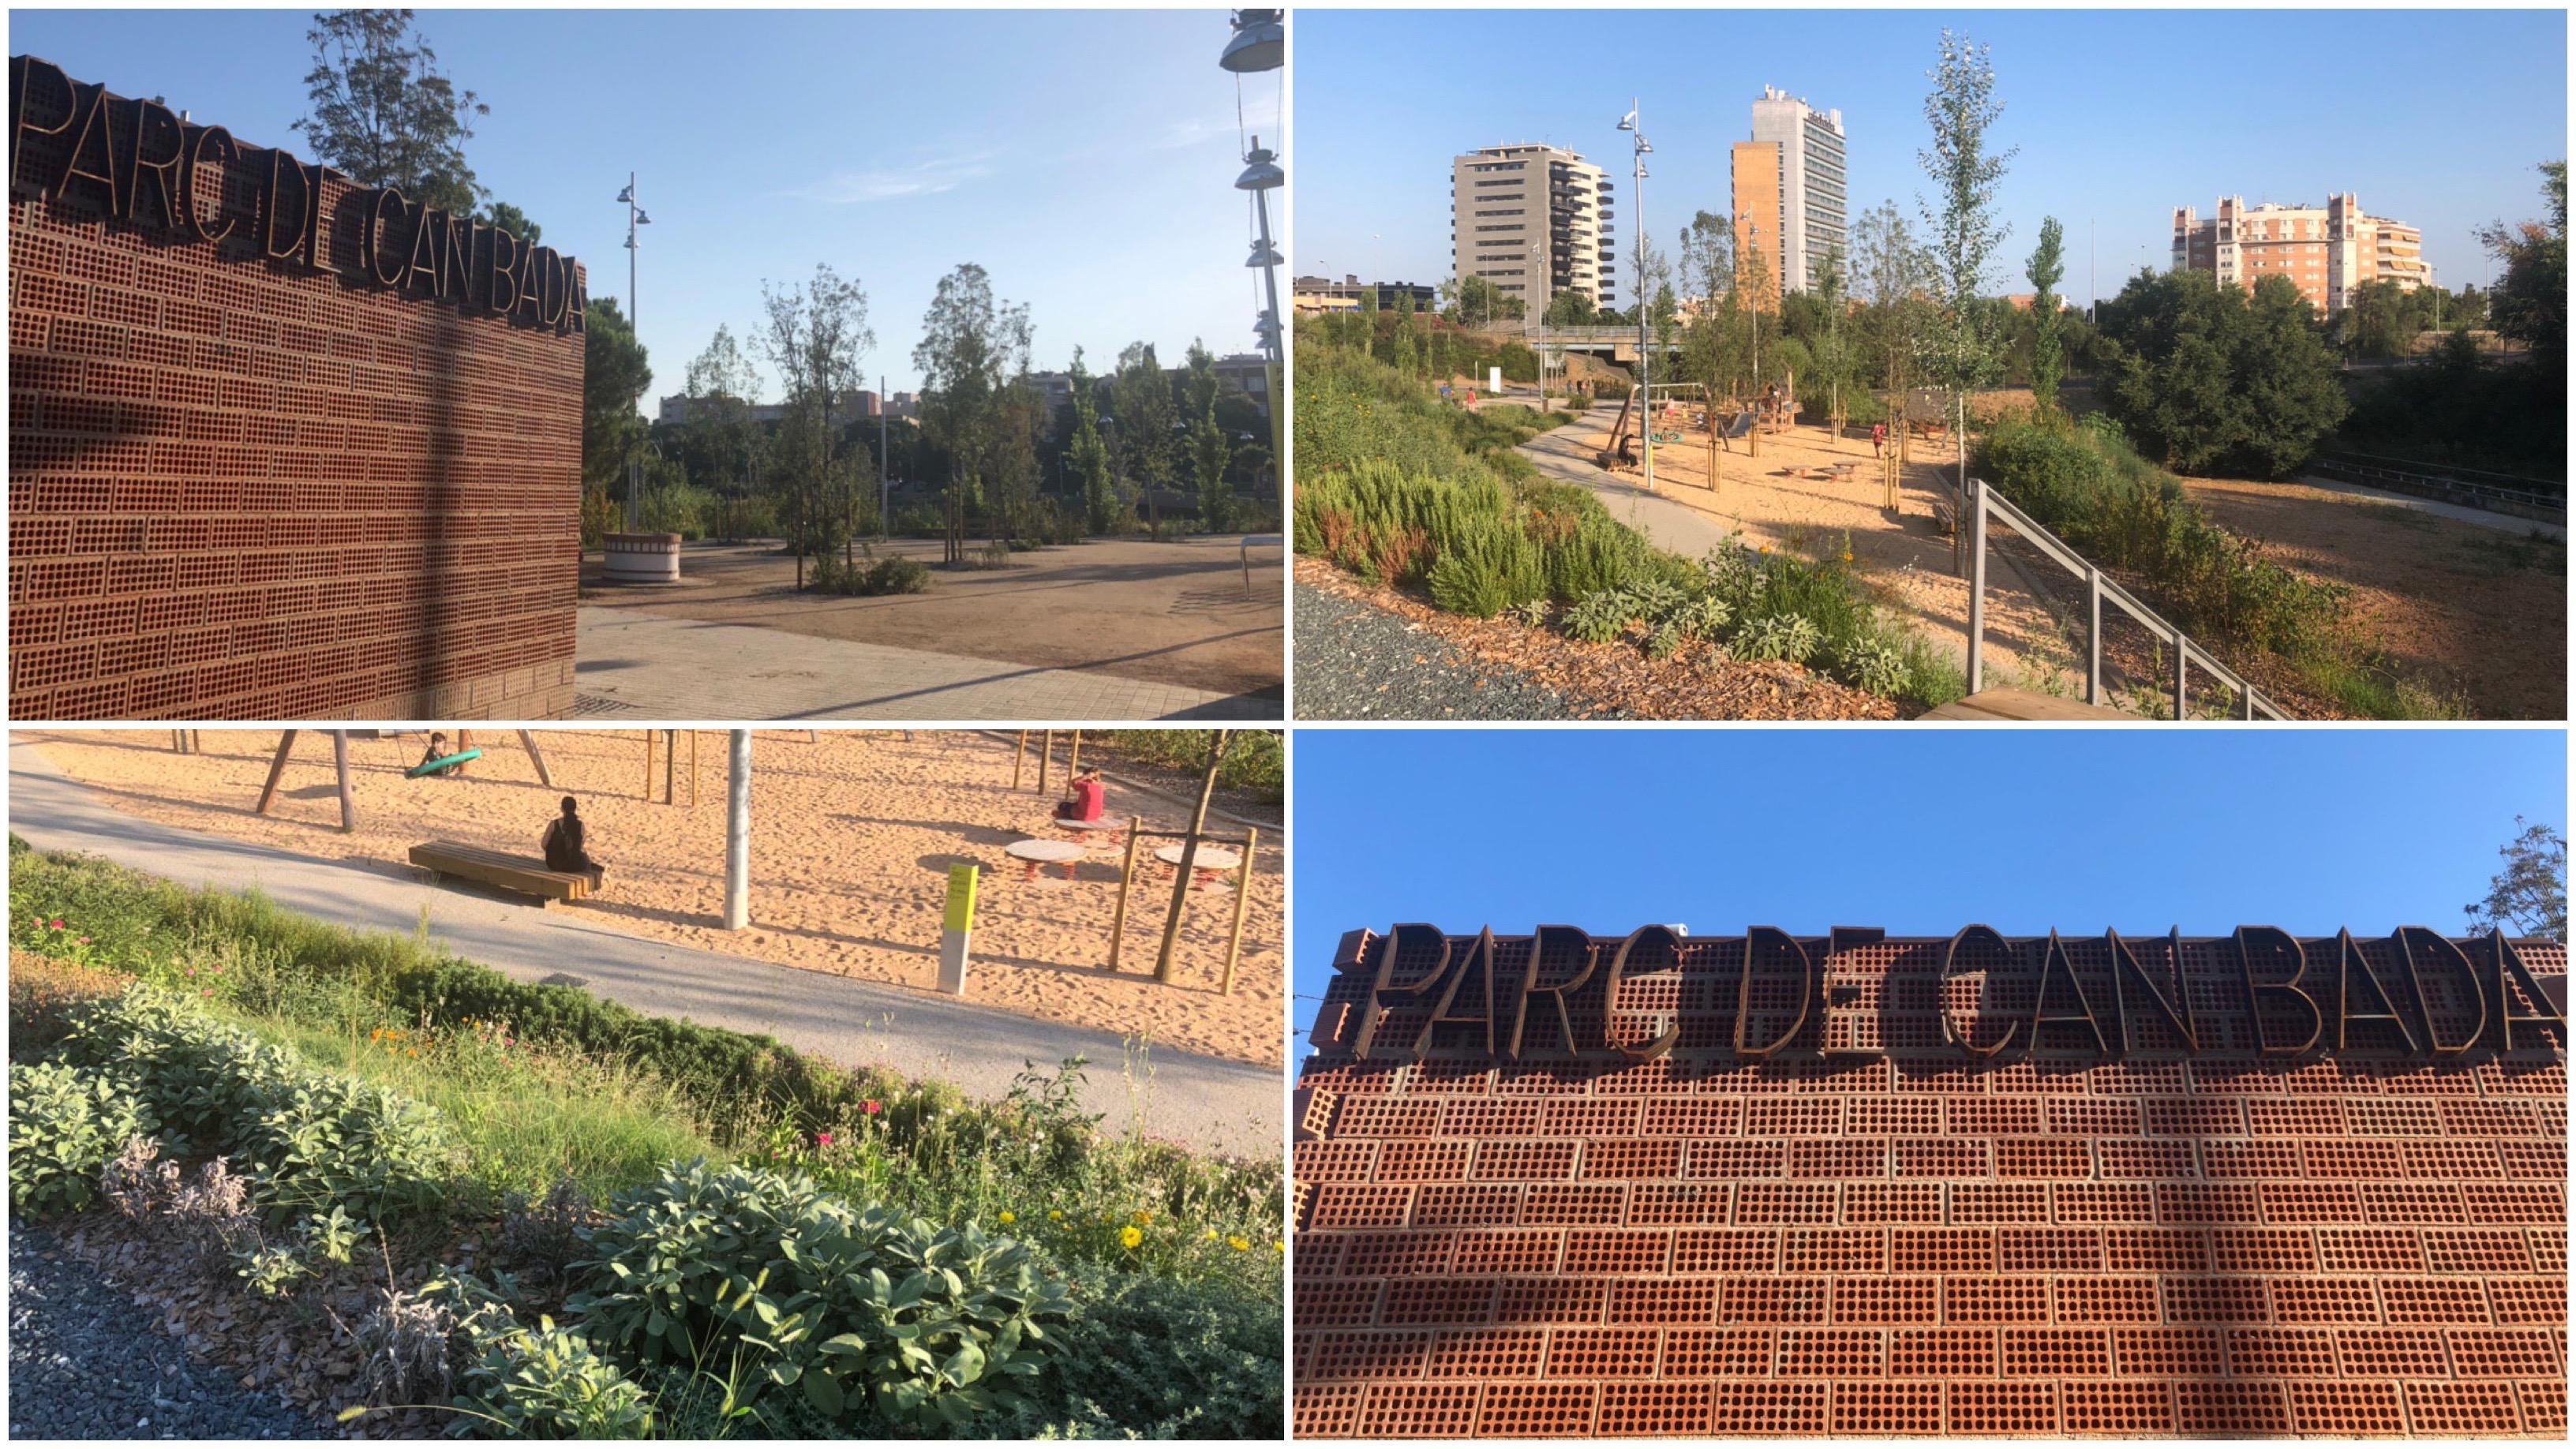 Ja és una realitat el parc de Can Bada, una de les obres estratègiques clau del nostre govern. Connectivitat, renaturalització, participació ciutadana. Estem molt contents, finalment!